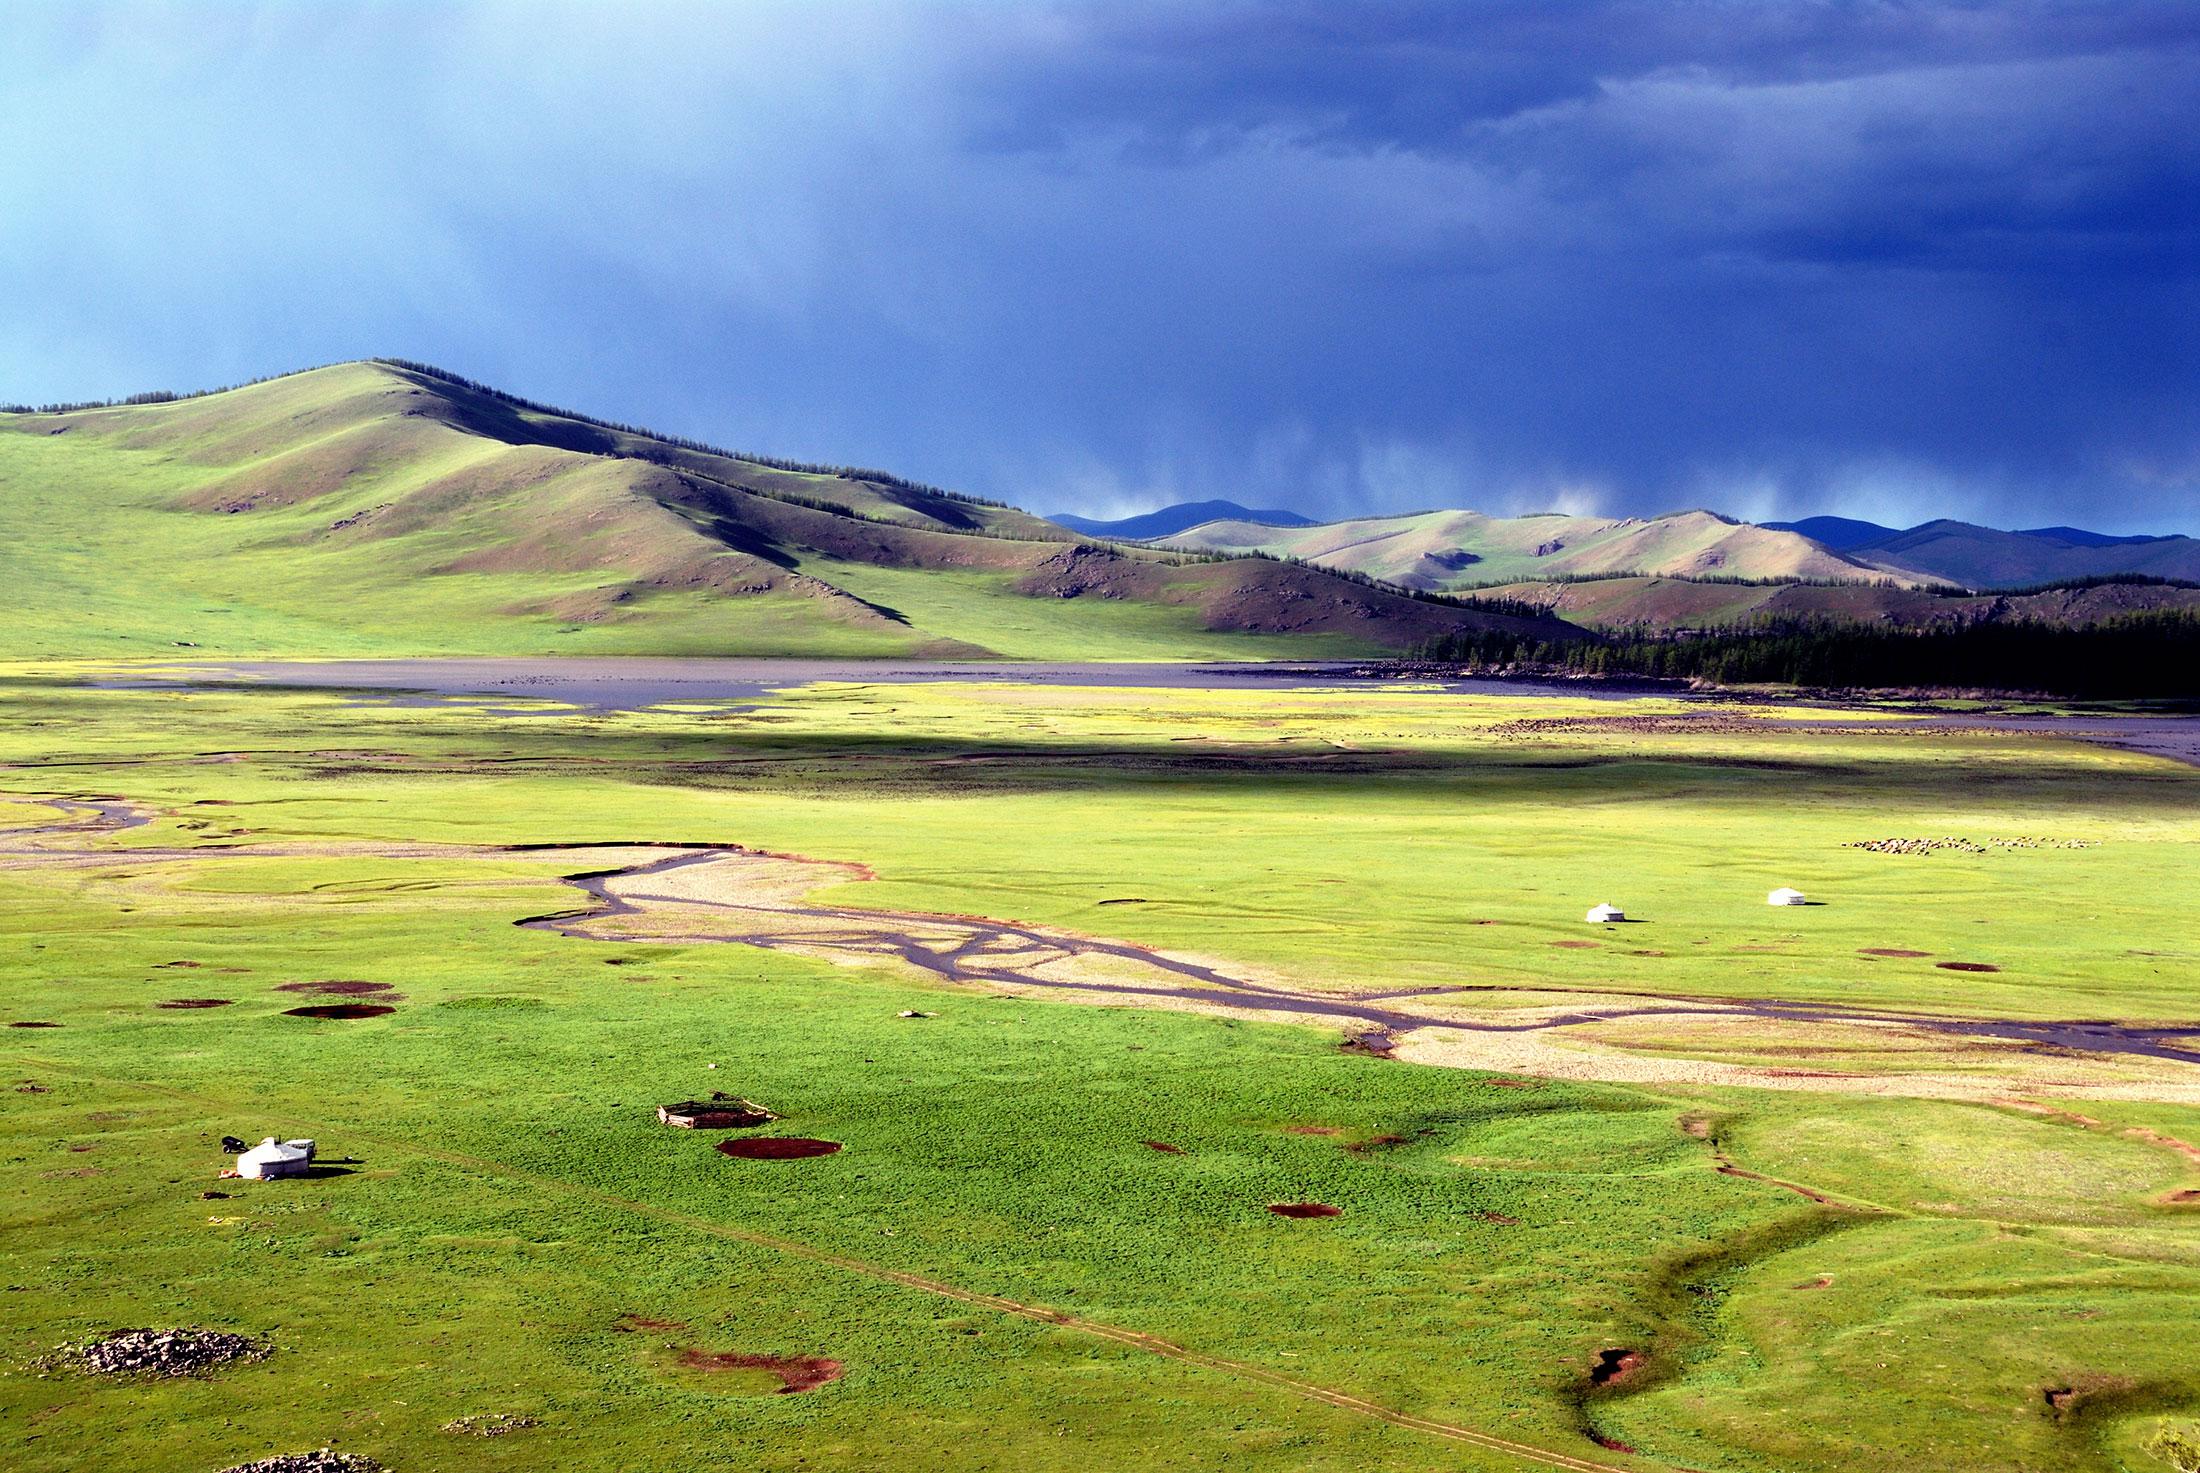 Khangai